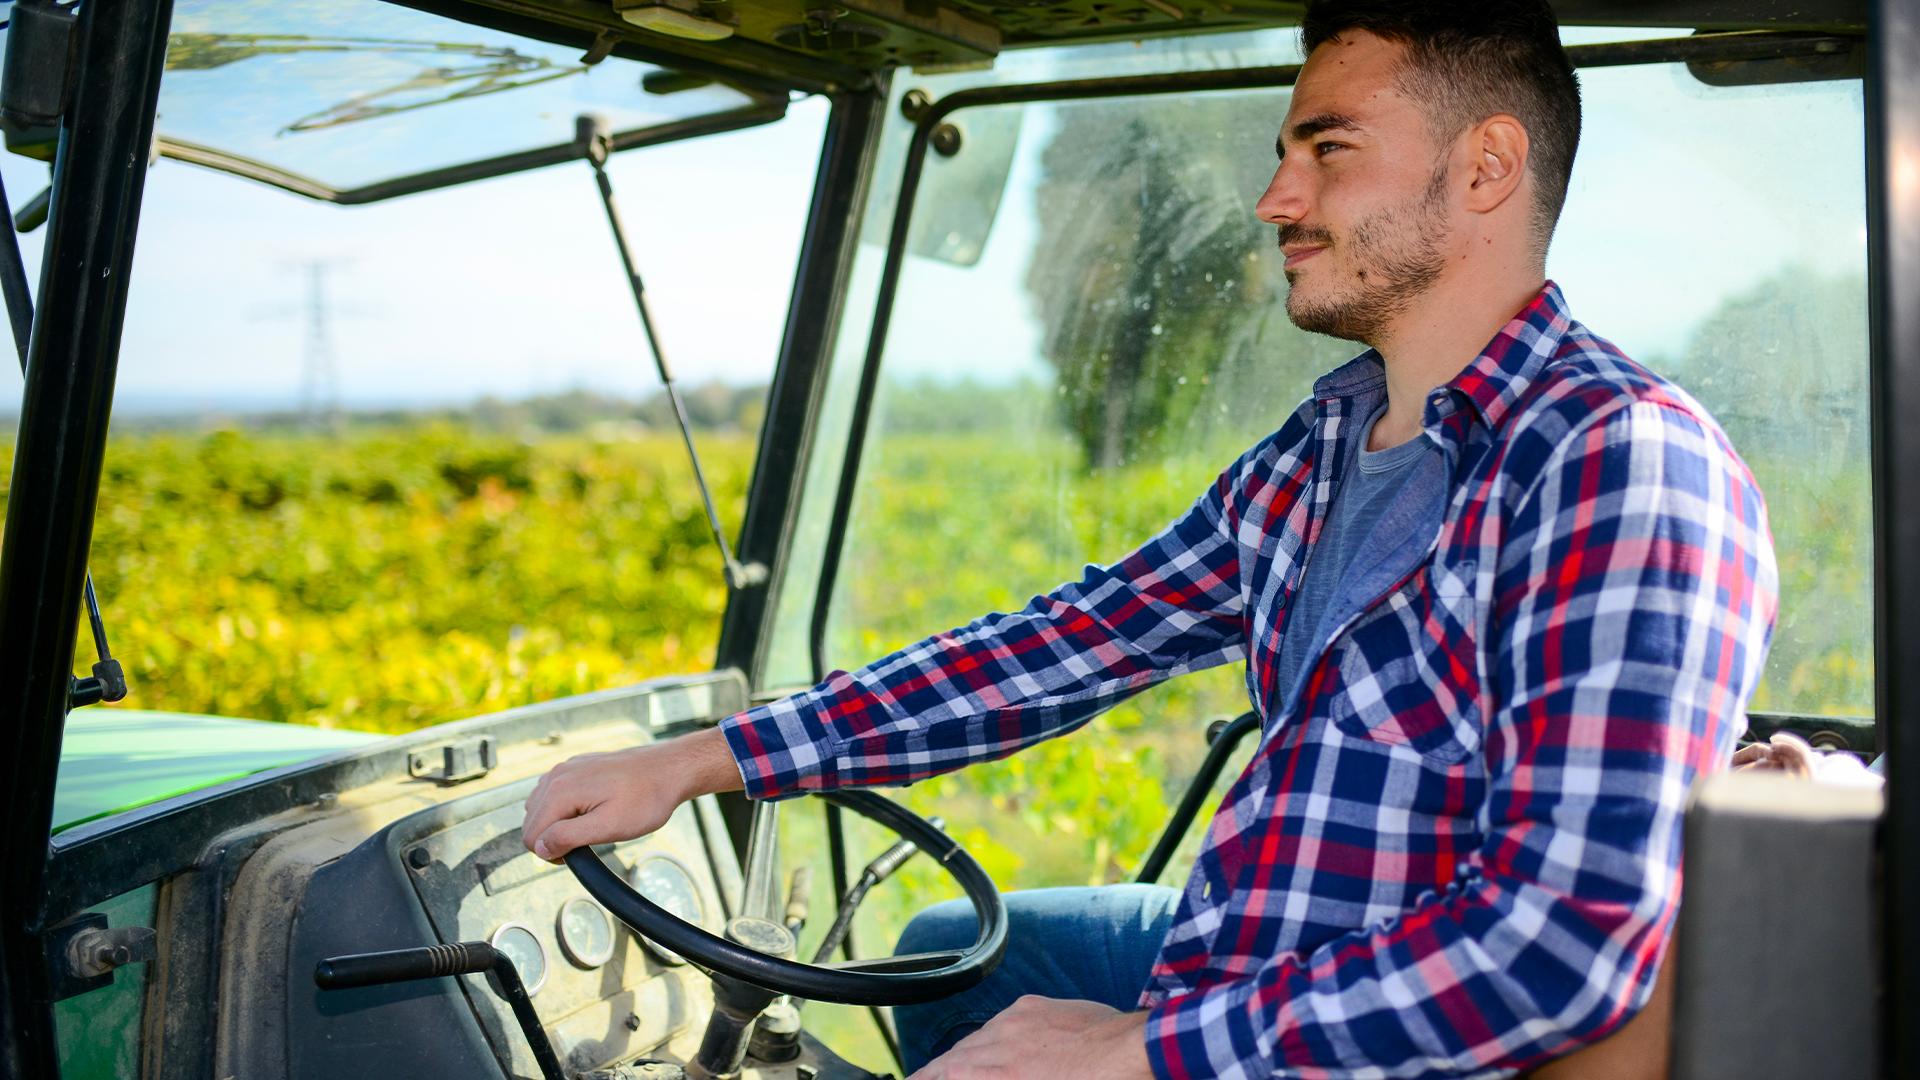 Das tutela legale polizza azienda caso risolto incidente trattore